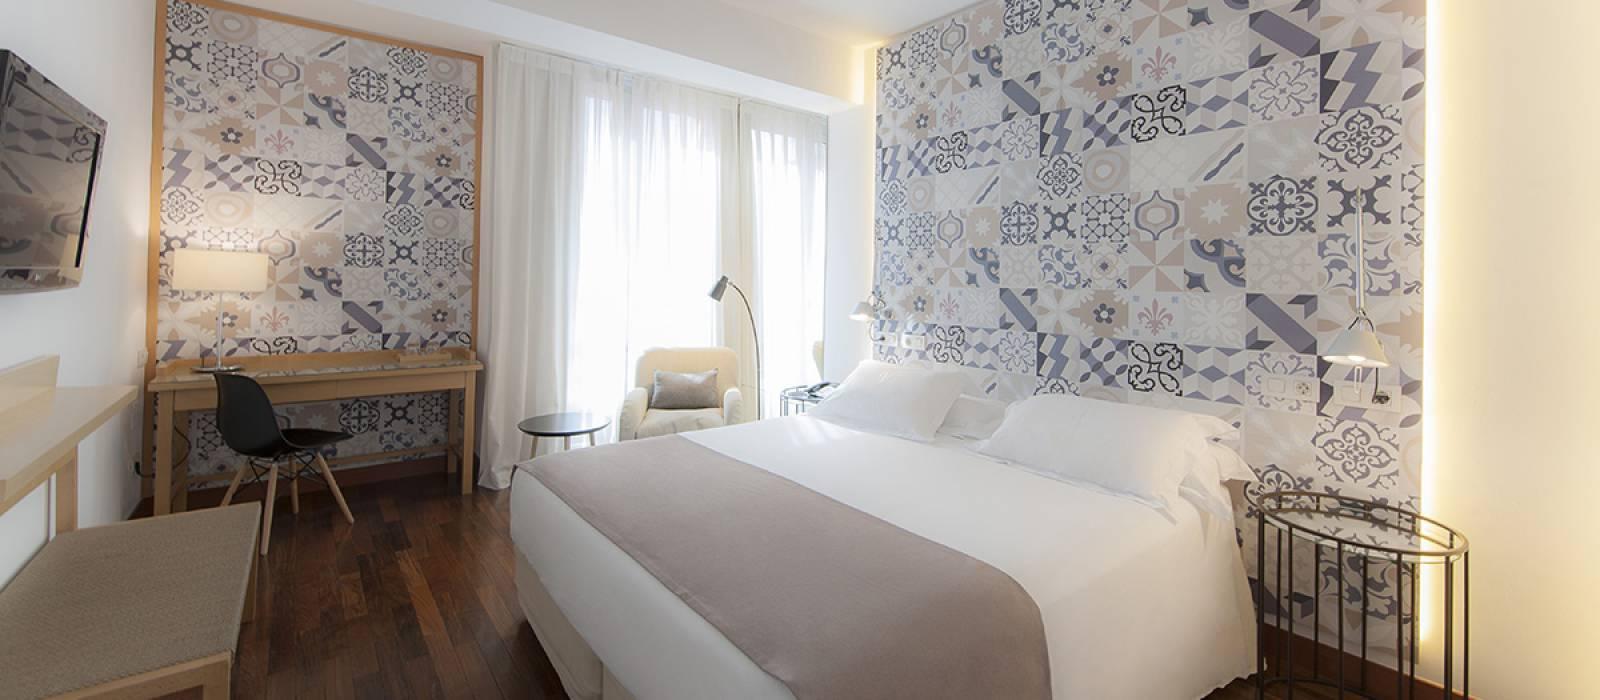 Früh buchen und dabei sparen - 10% in Madrid  - Vinci SoMa